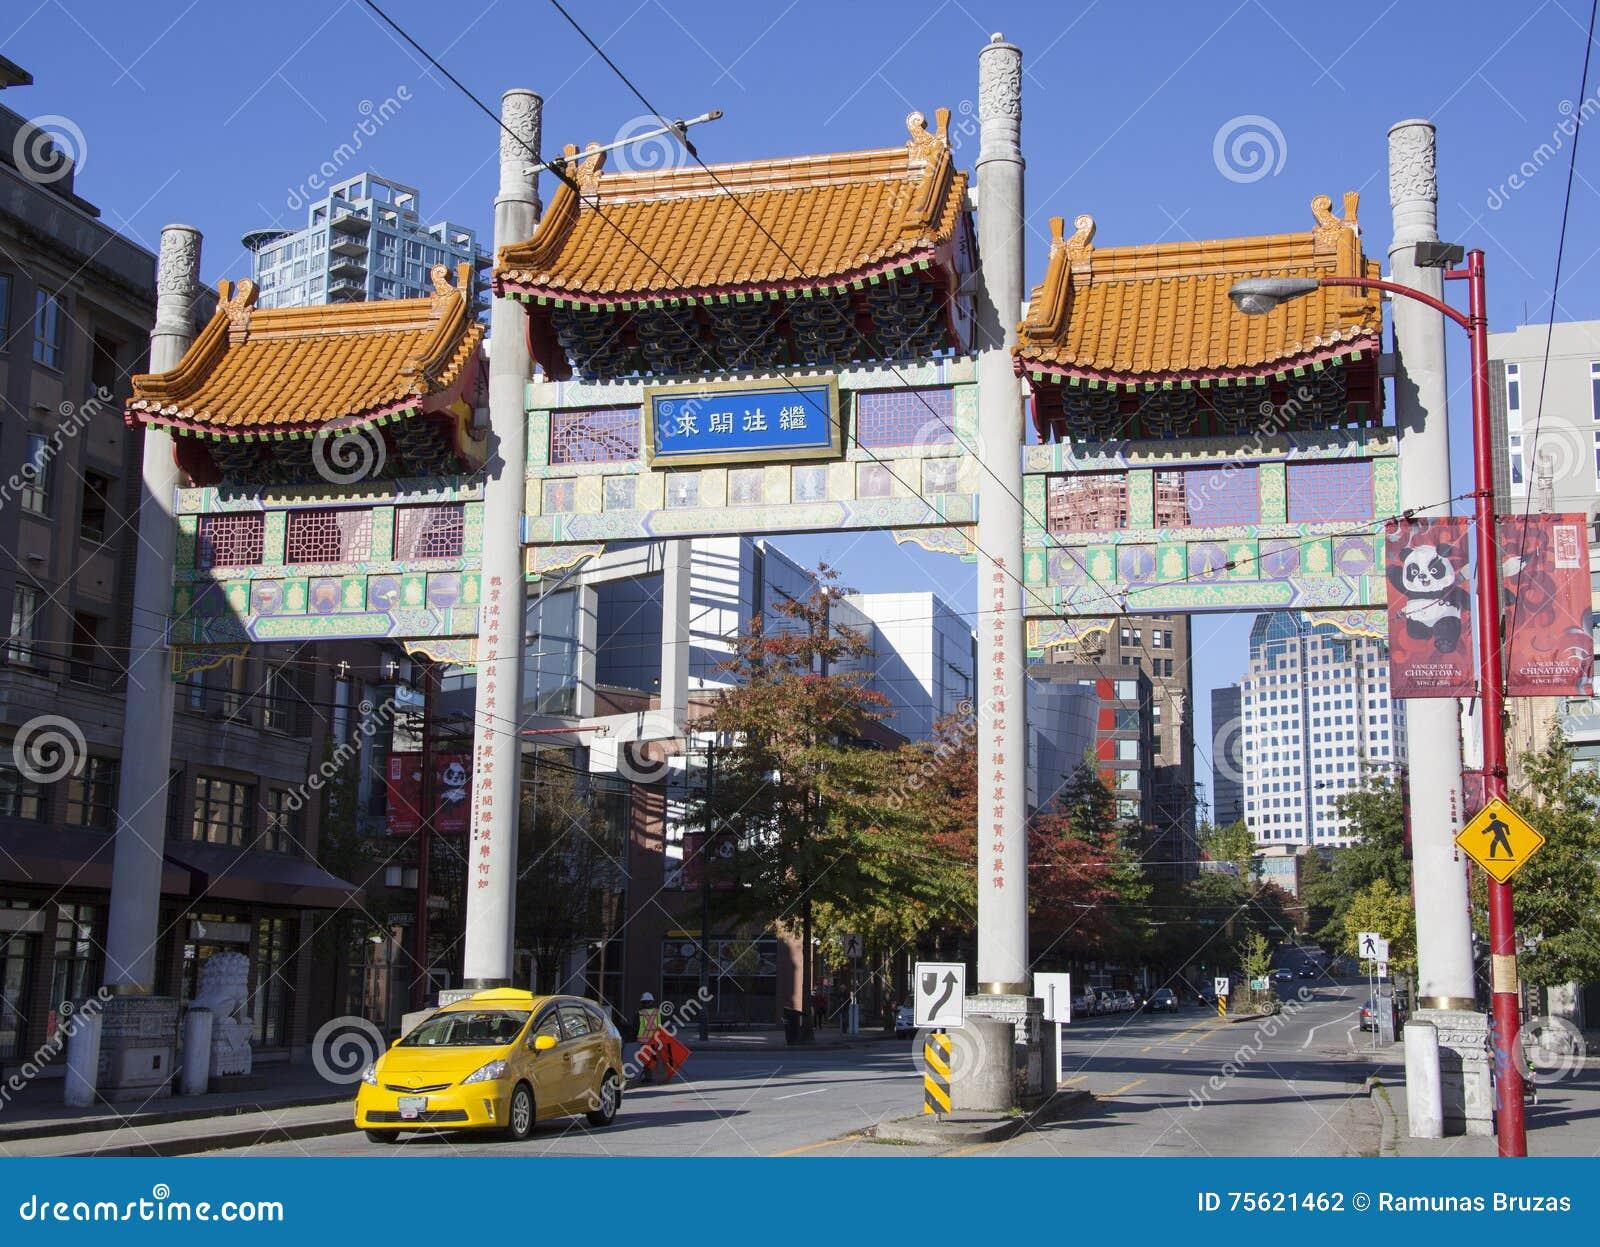 Portas do bairro chinês